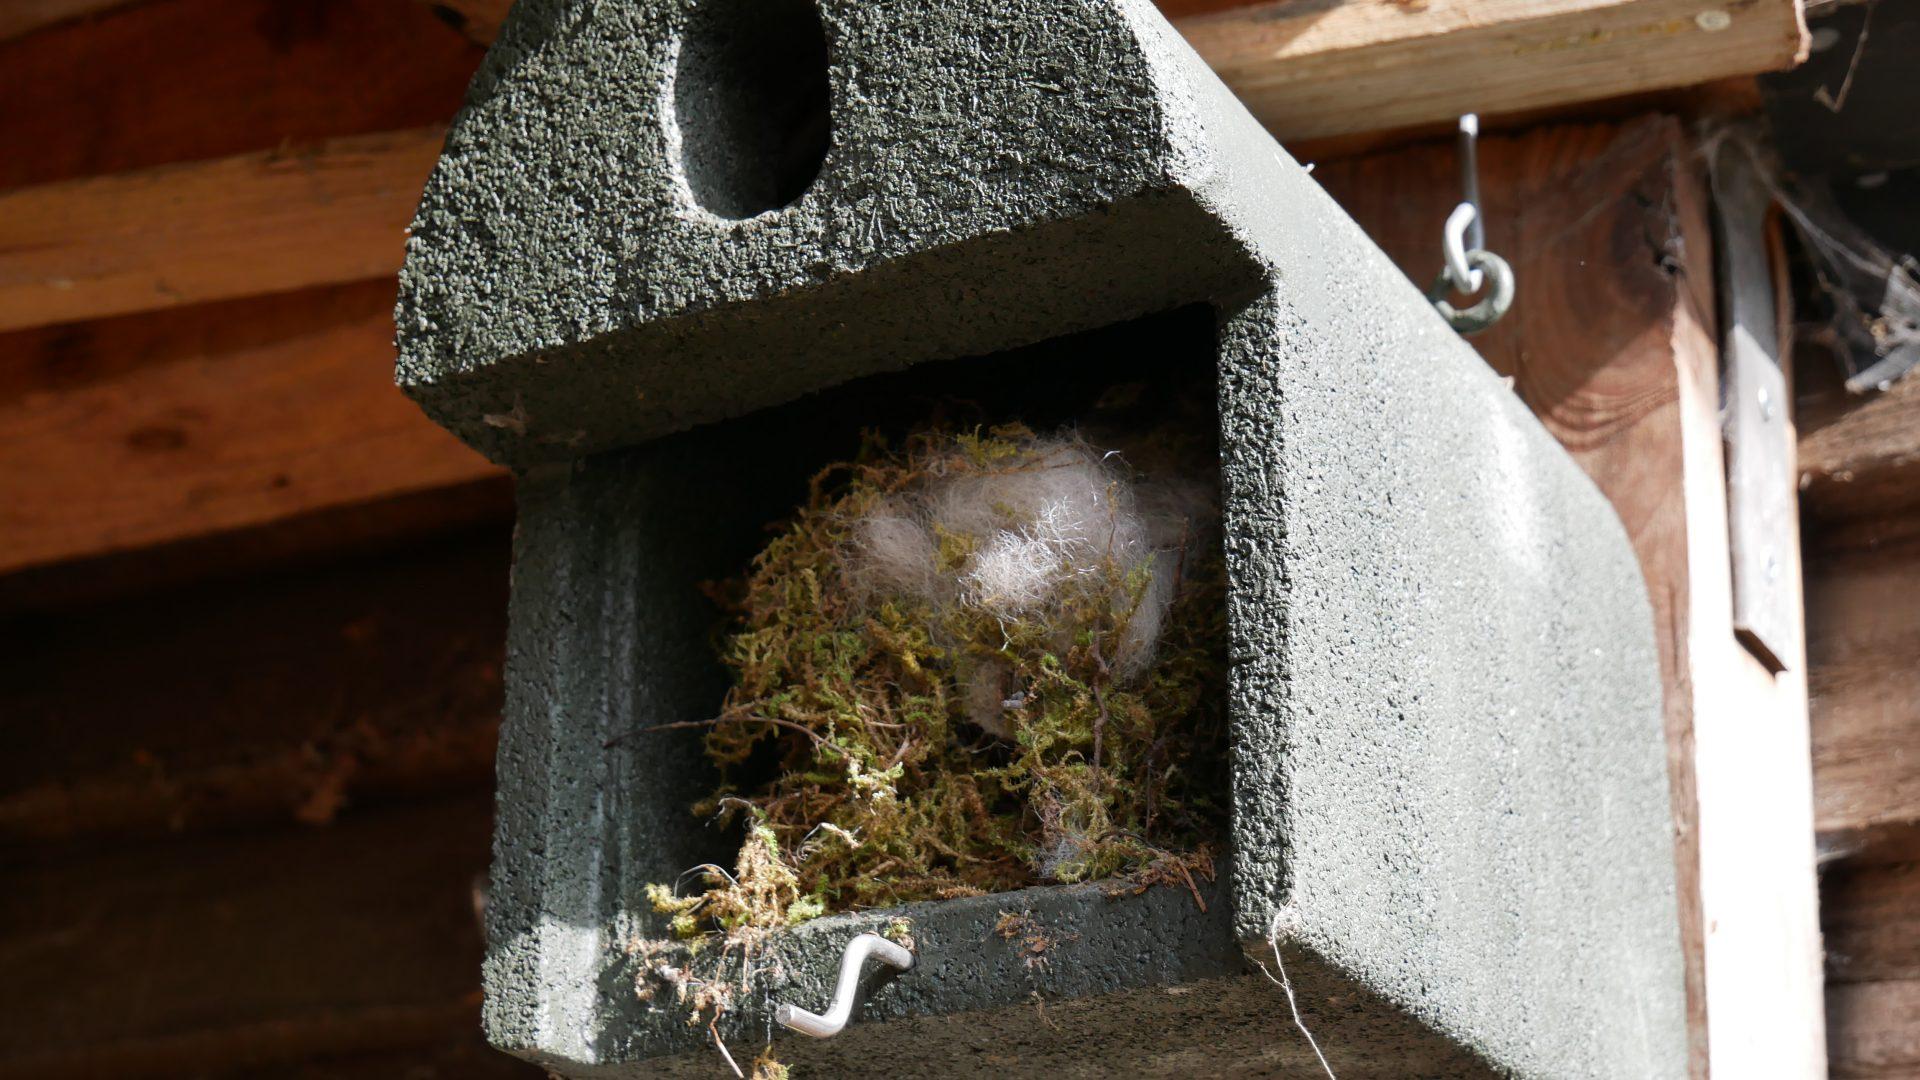 In Morscholz kuschelt ein Siebenschläfer im Nistkasten